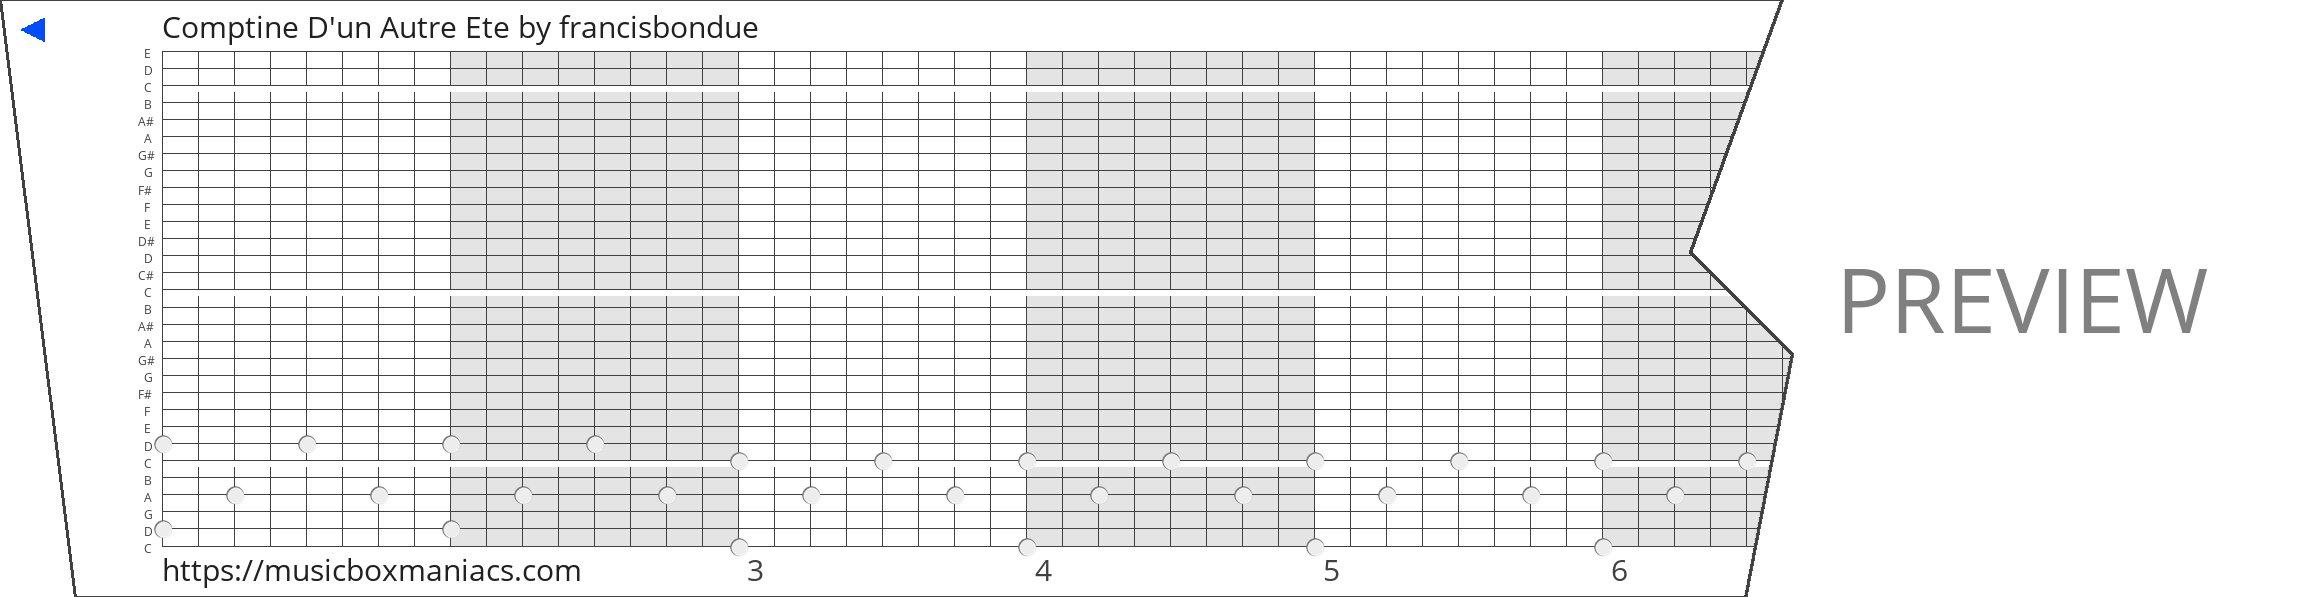 Comptine D'un Autre Ete 30 note music box paper strip